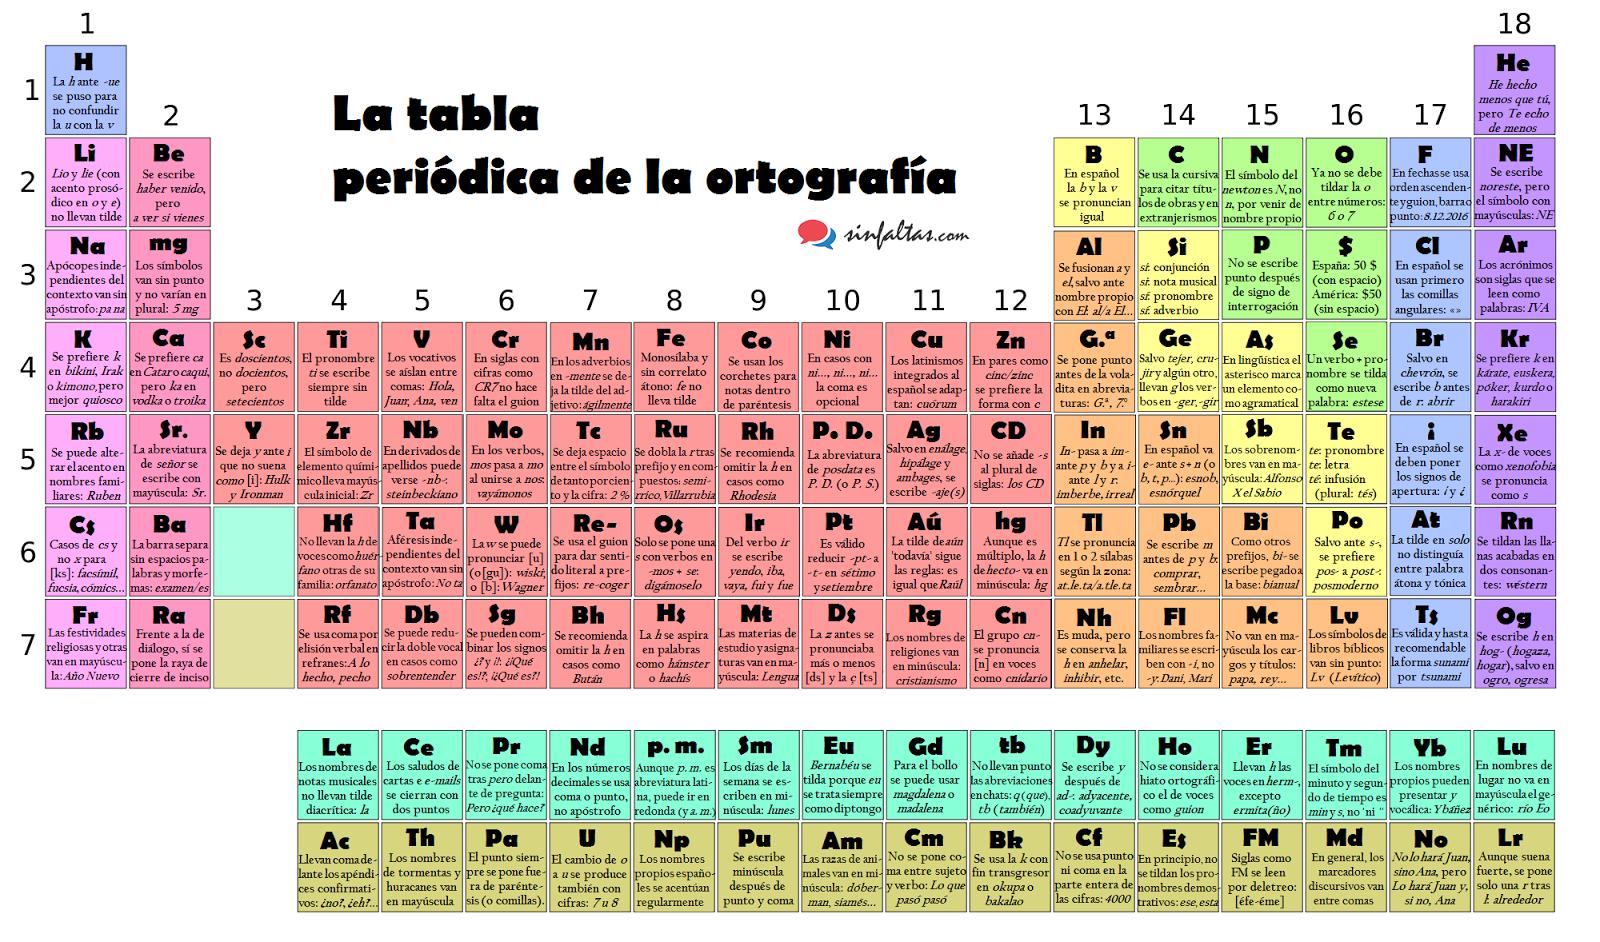 Tabla peridica de la ortografa ortografa literatura ahora que todos los elementos qumicos de la tabla peridica tienen su nombre es buen momento para presentar la tabla peridica de la ortografa urtaz Choice Image